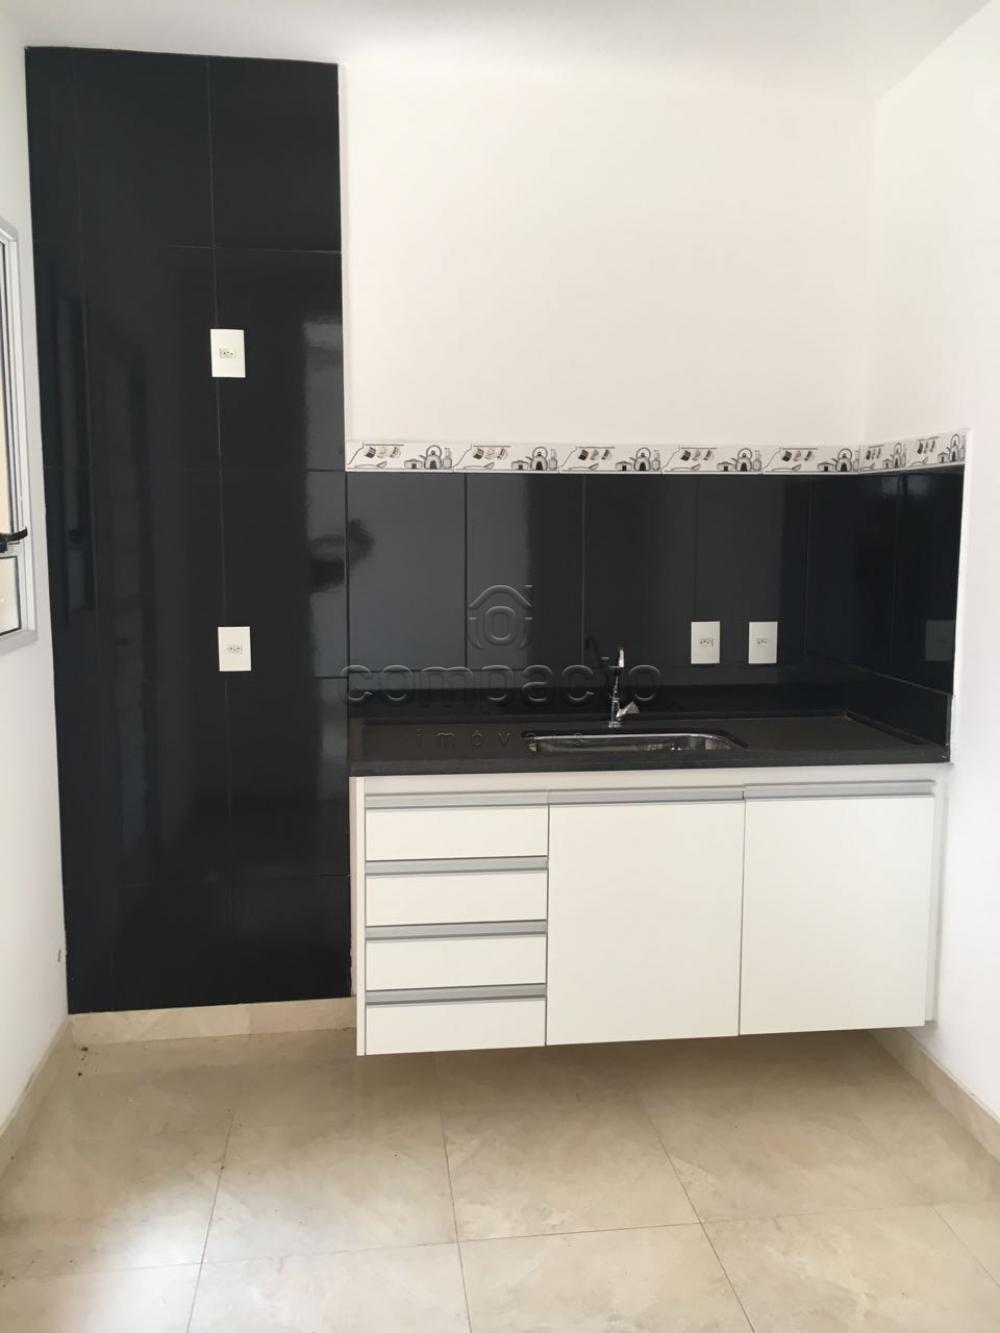 Comprar Casa / Condomínio em São José do Rio Preto apenas R$ 375.000,00 - Foto 10